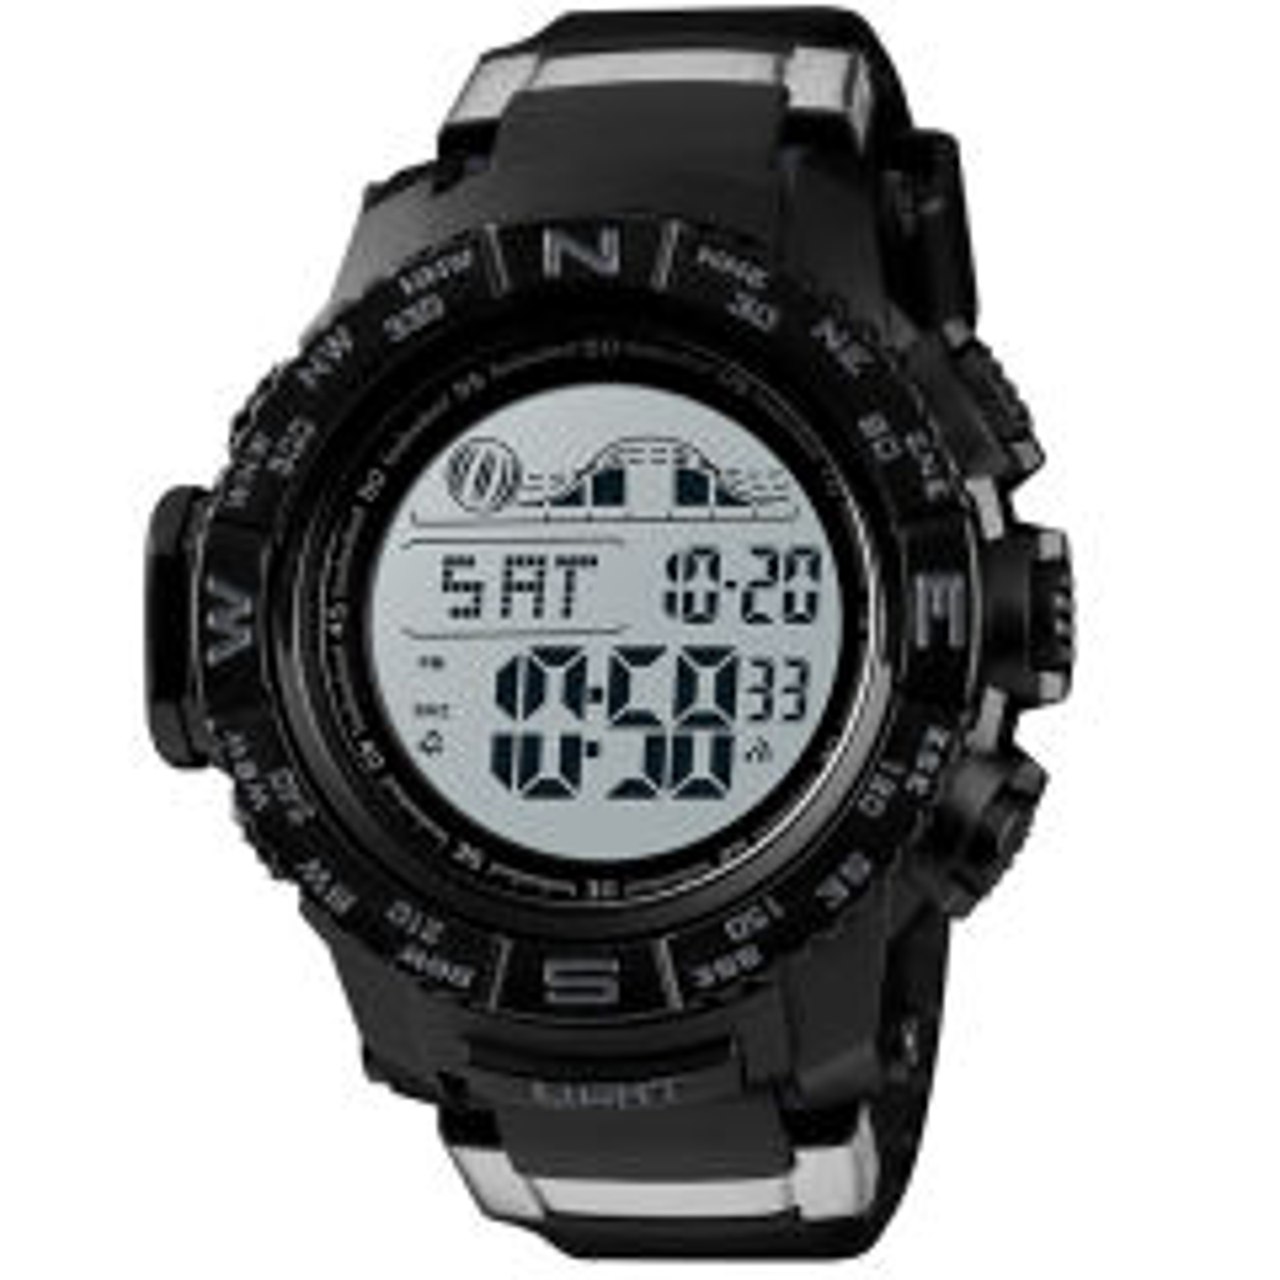 ساعت مچی دیجیتال مردانه اسکمی مدل 1380M 21